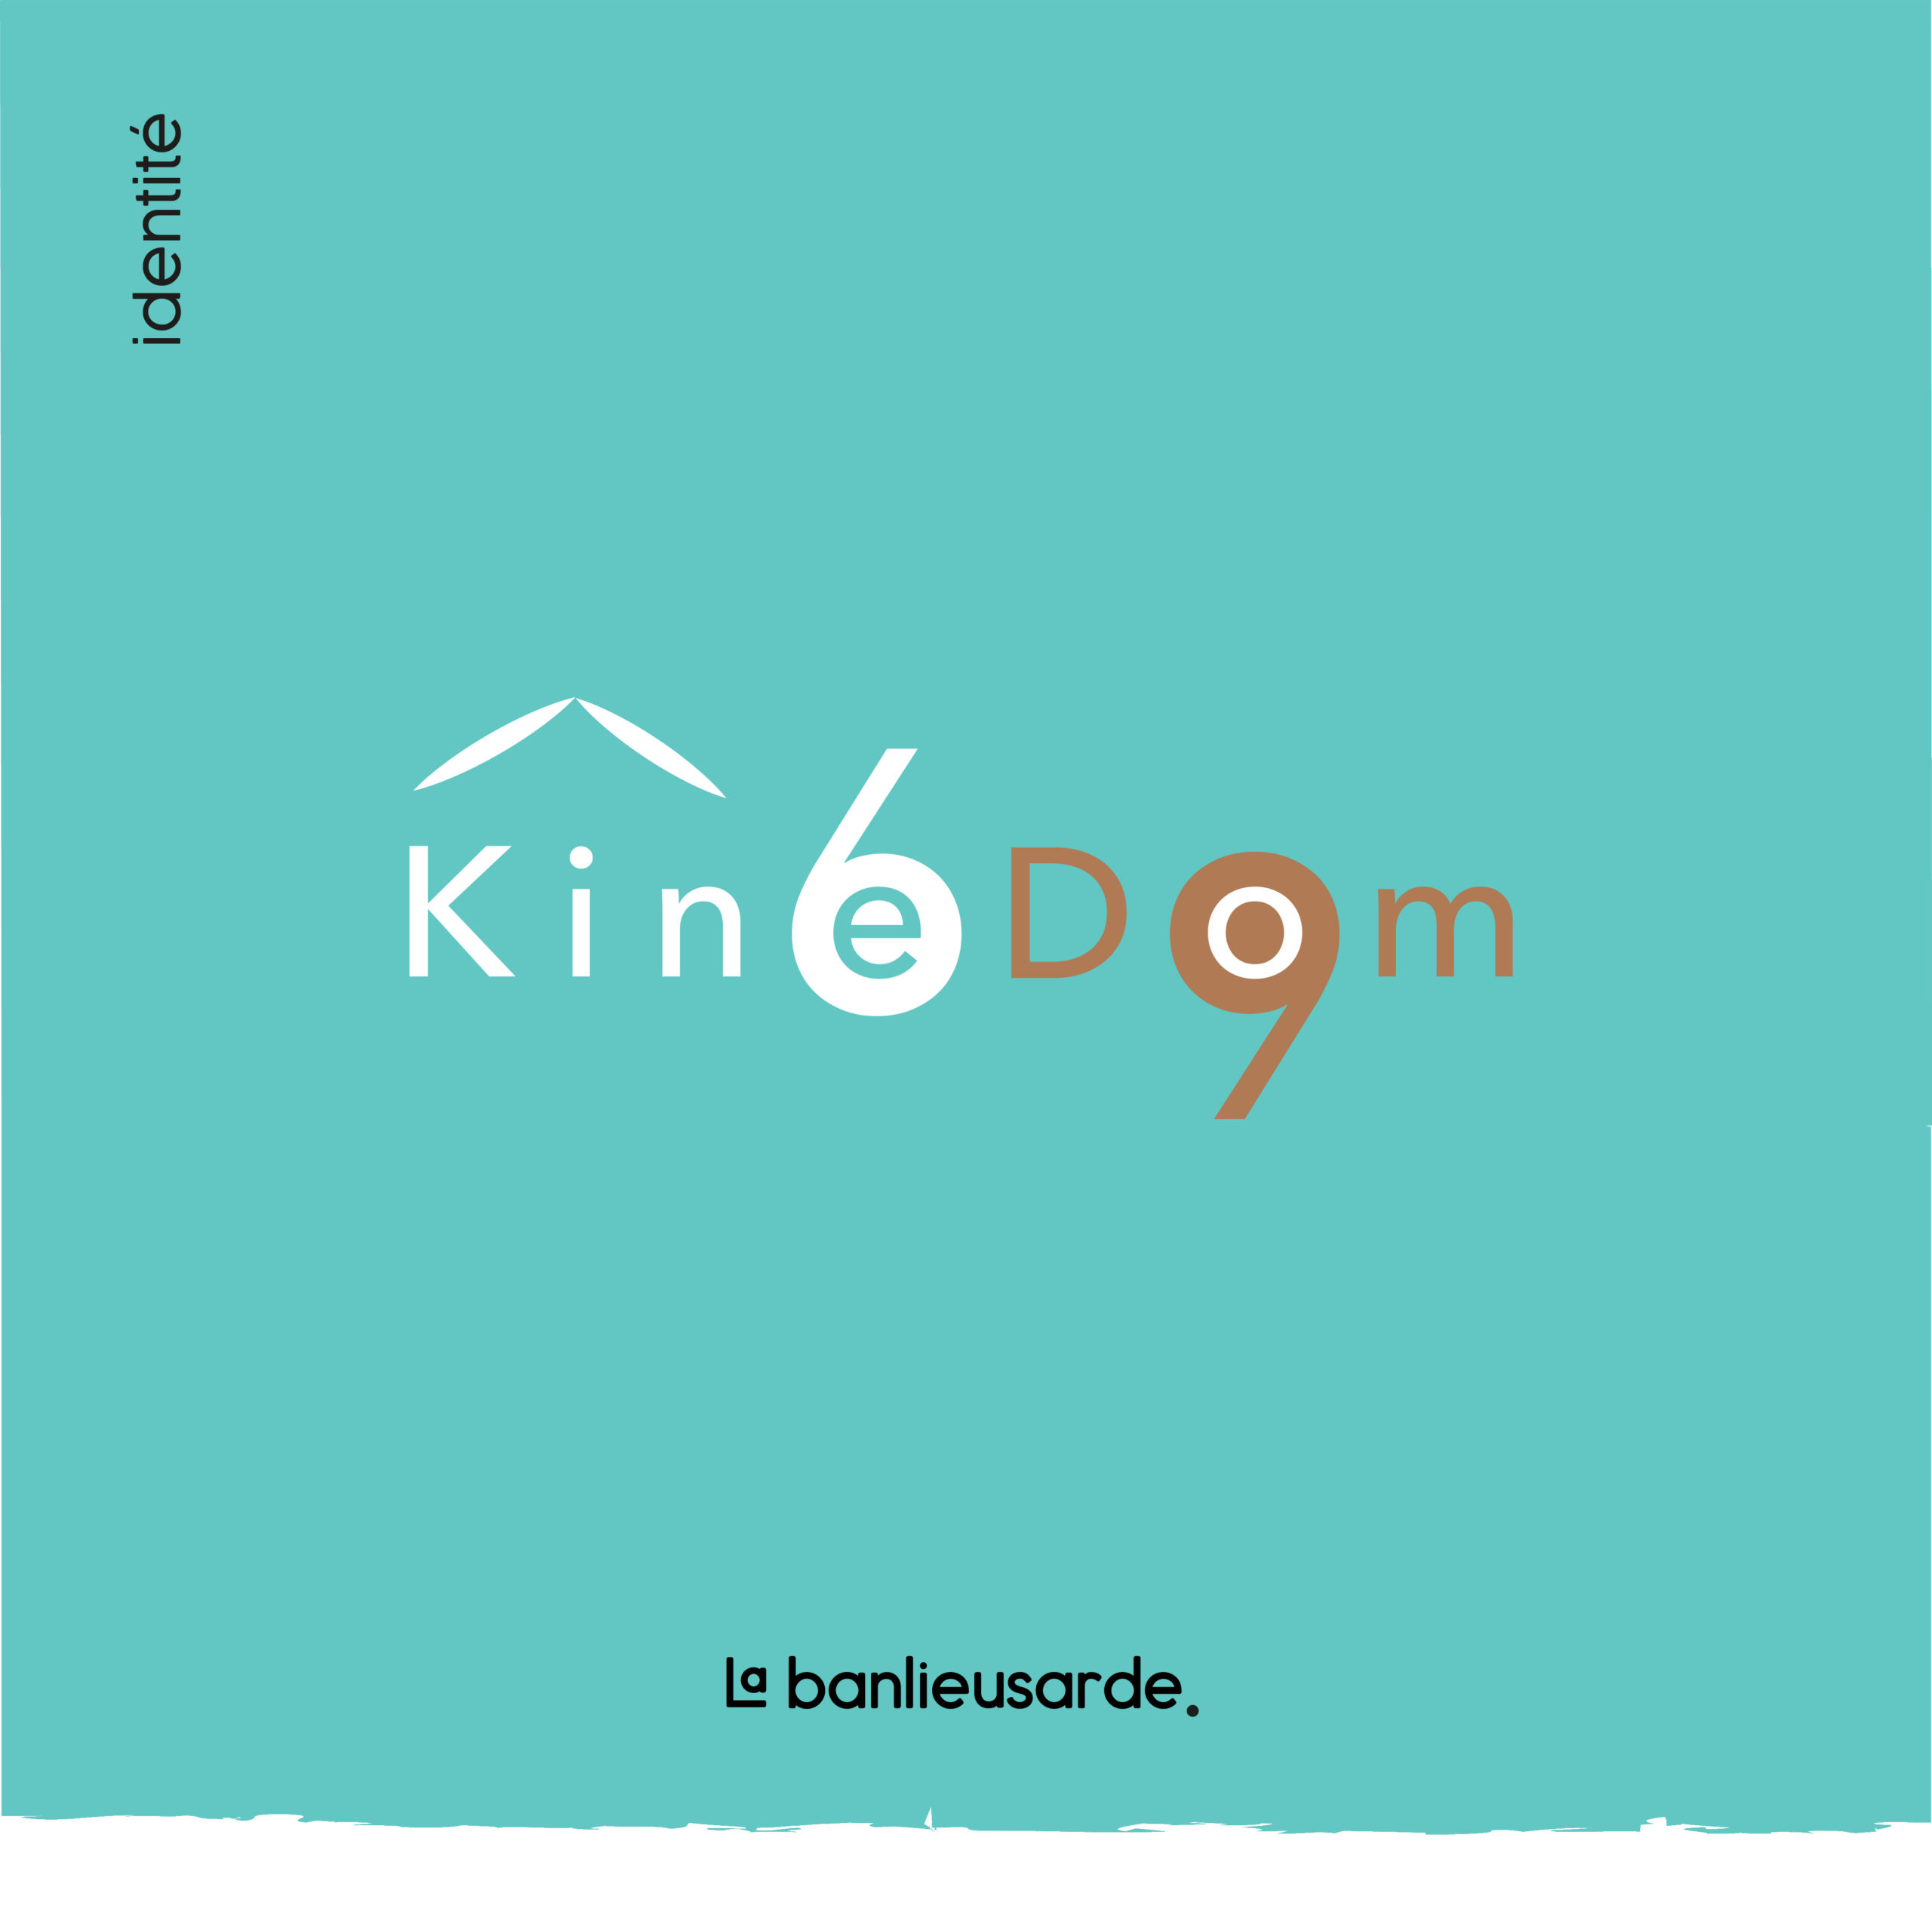 mockup-kinedom69-identite